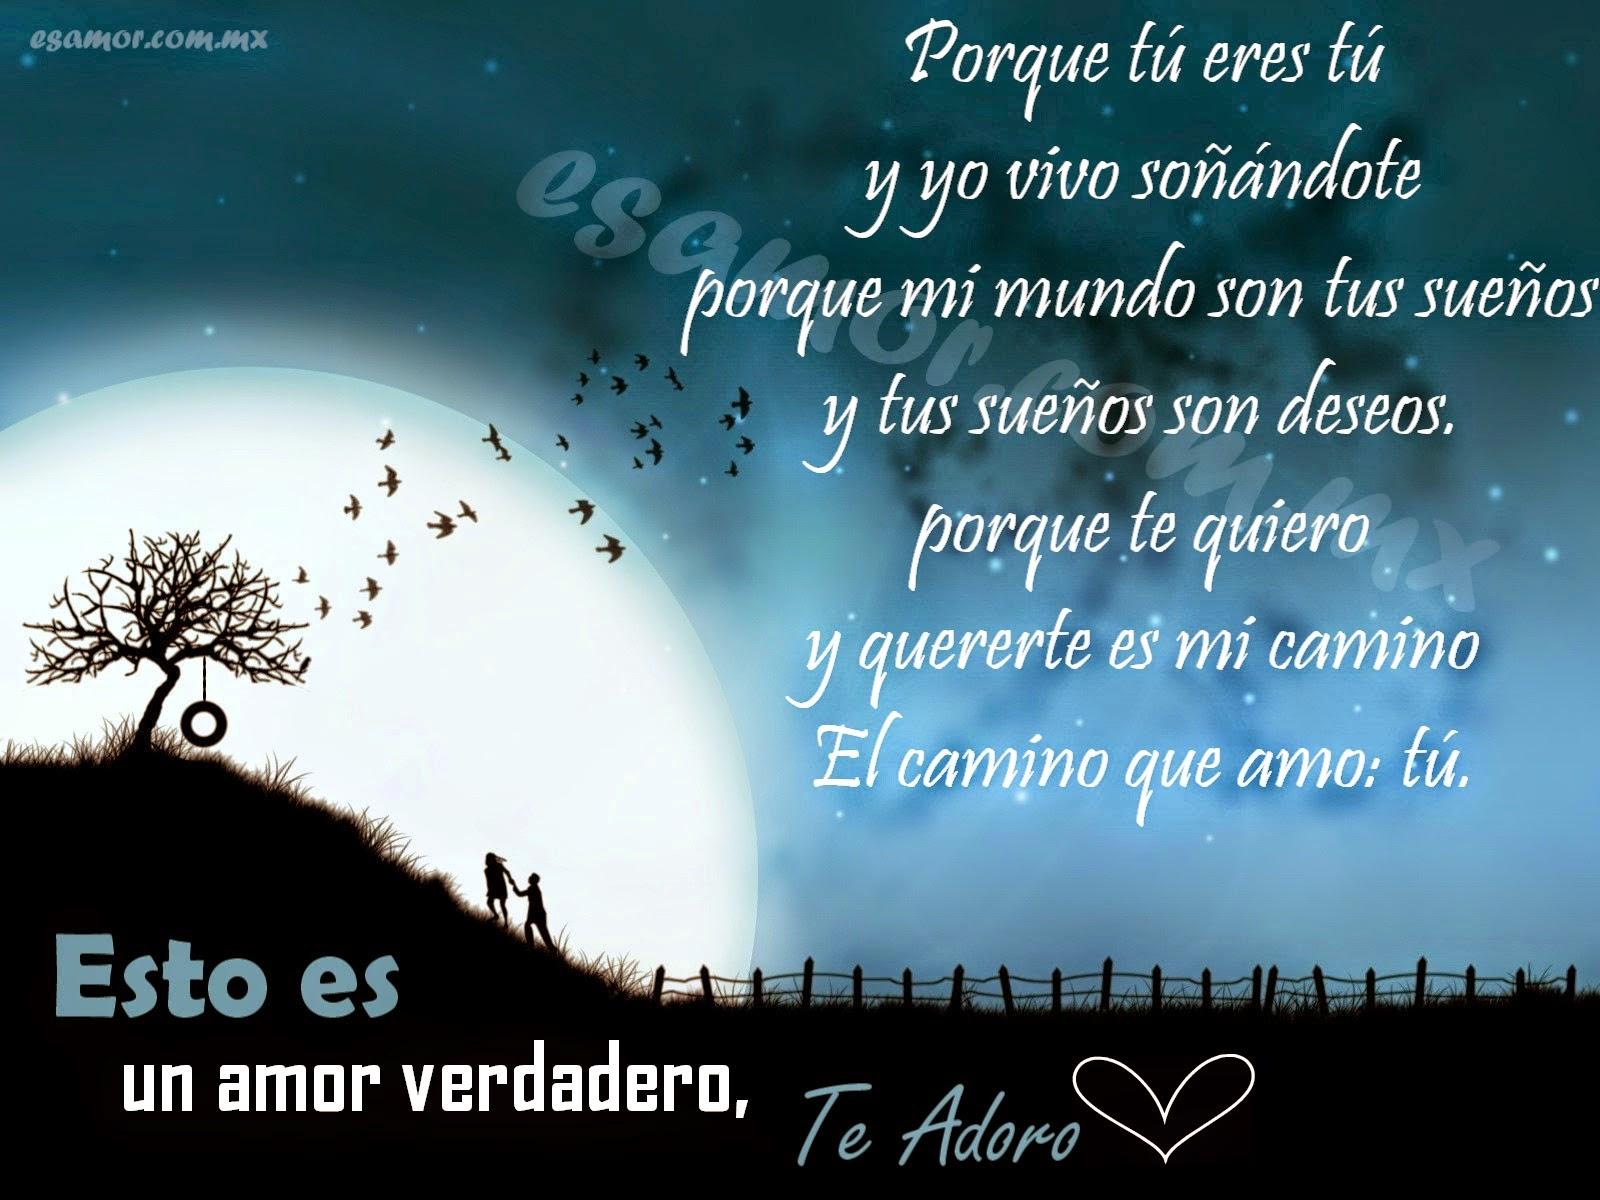 Ver Imagenes Con Frases Poemas De Amor Para Enamorar Lindas